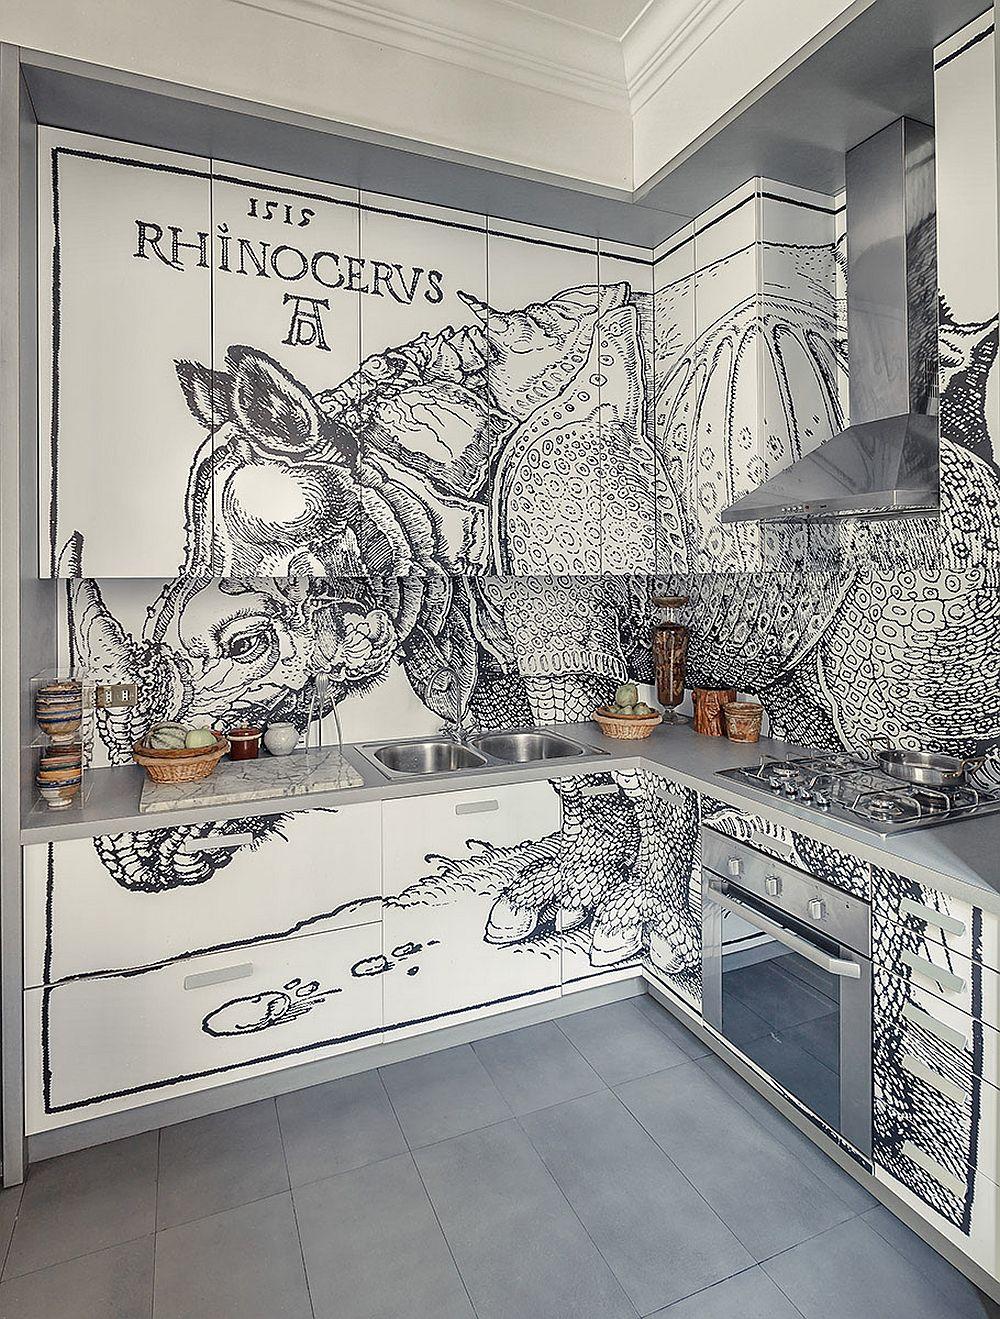 """Te-ai fi așteptat la o astfel de bucătărie? Cu siguranță nu. Dar proprietarul acestei case a dorit ca fiecare încăpere să exprime ceva care să-l fascineze. Pe fețele mobilierului de bucătărie este imprimată o reproducere după celebrare lucrare """"Rhino"""" a lui Albrecht Dürer (1515), una dintre cele mai influente și copiate lucrări în Europa timp de trei secole. Reprezentarea rinocerului este una imaginată, după descrieri, artistul renascentist german, neavând ocazia să vadă în realitate vreun exemplar. Deși realizată după descrieri în 1515, lucrarea realizată în lemn este surprinzător de actuală și azi, ca tehnică de reprezentare."""